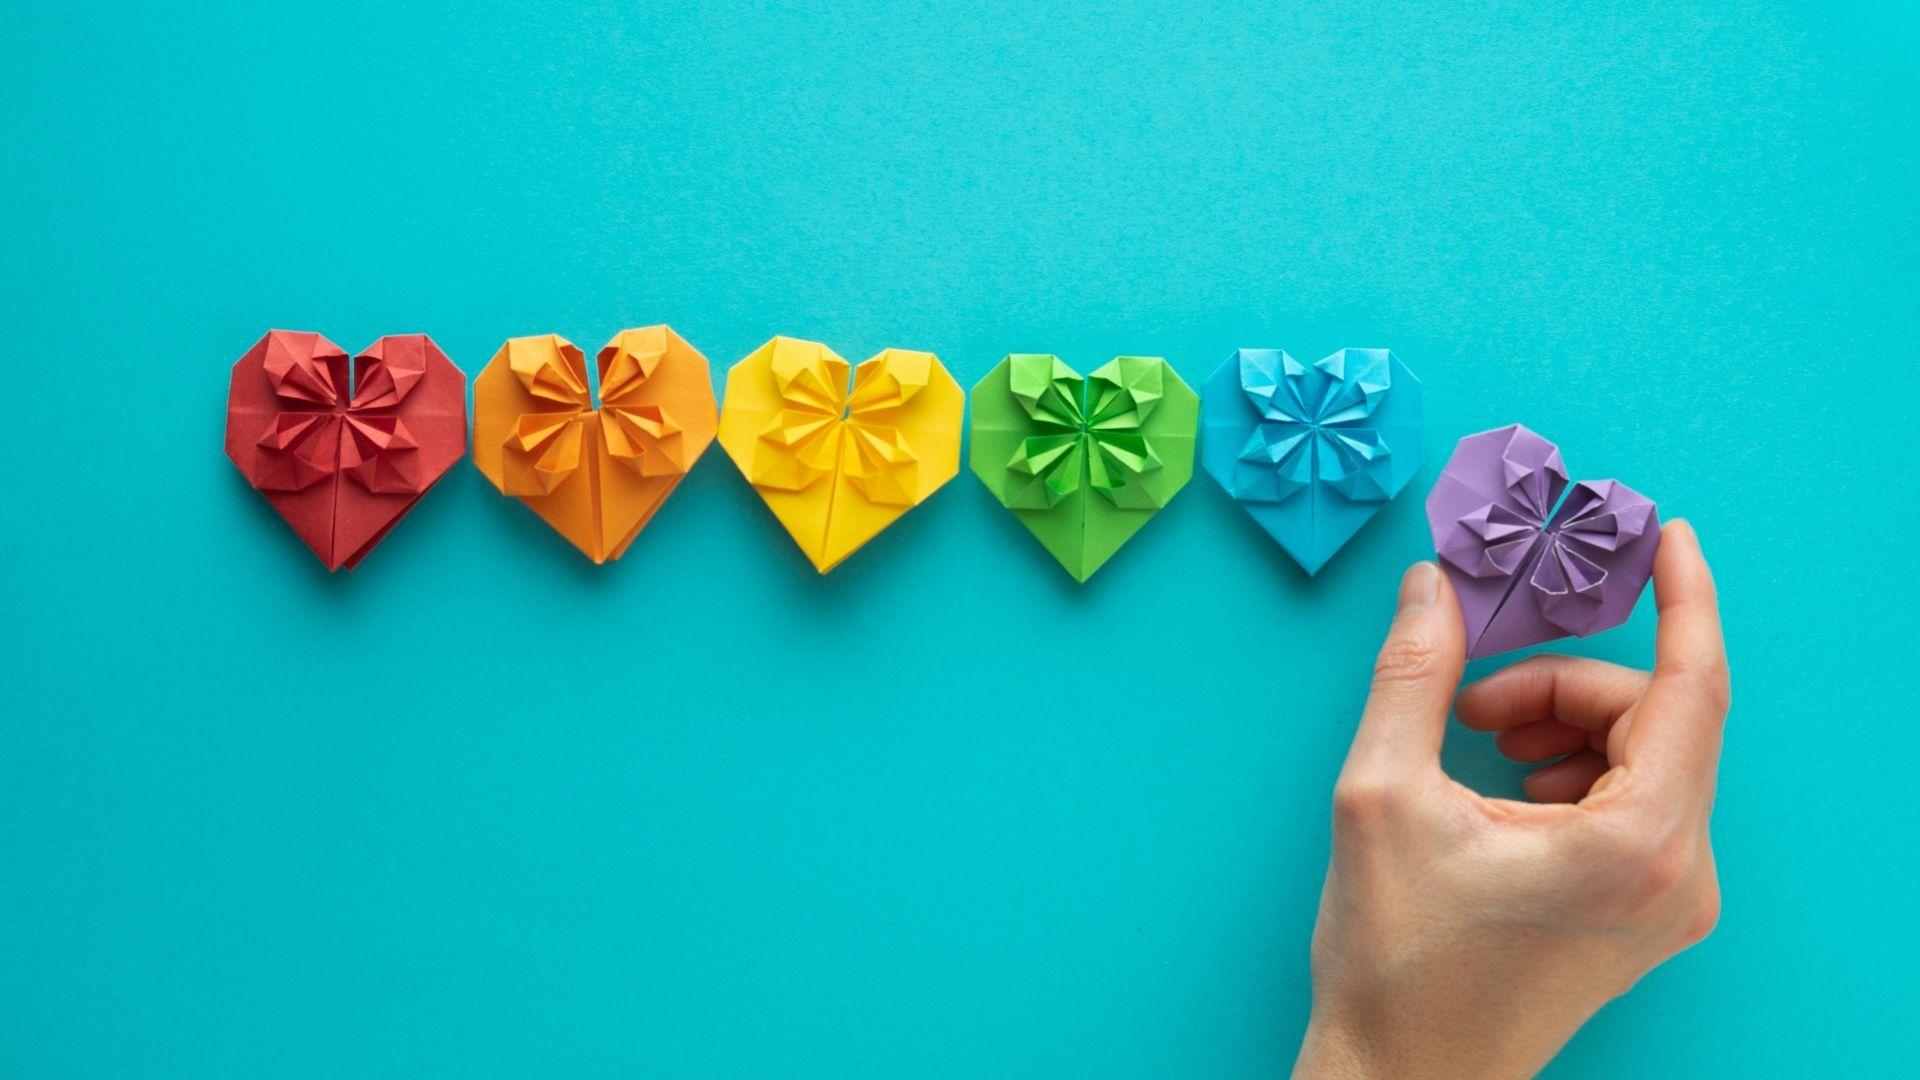 Main d'une personne déposant des origamis en forme de coeurs, aux couleurs du mouvement LGBT, sur un fond de papier turquoise.